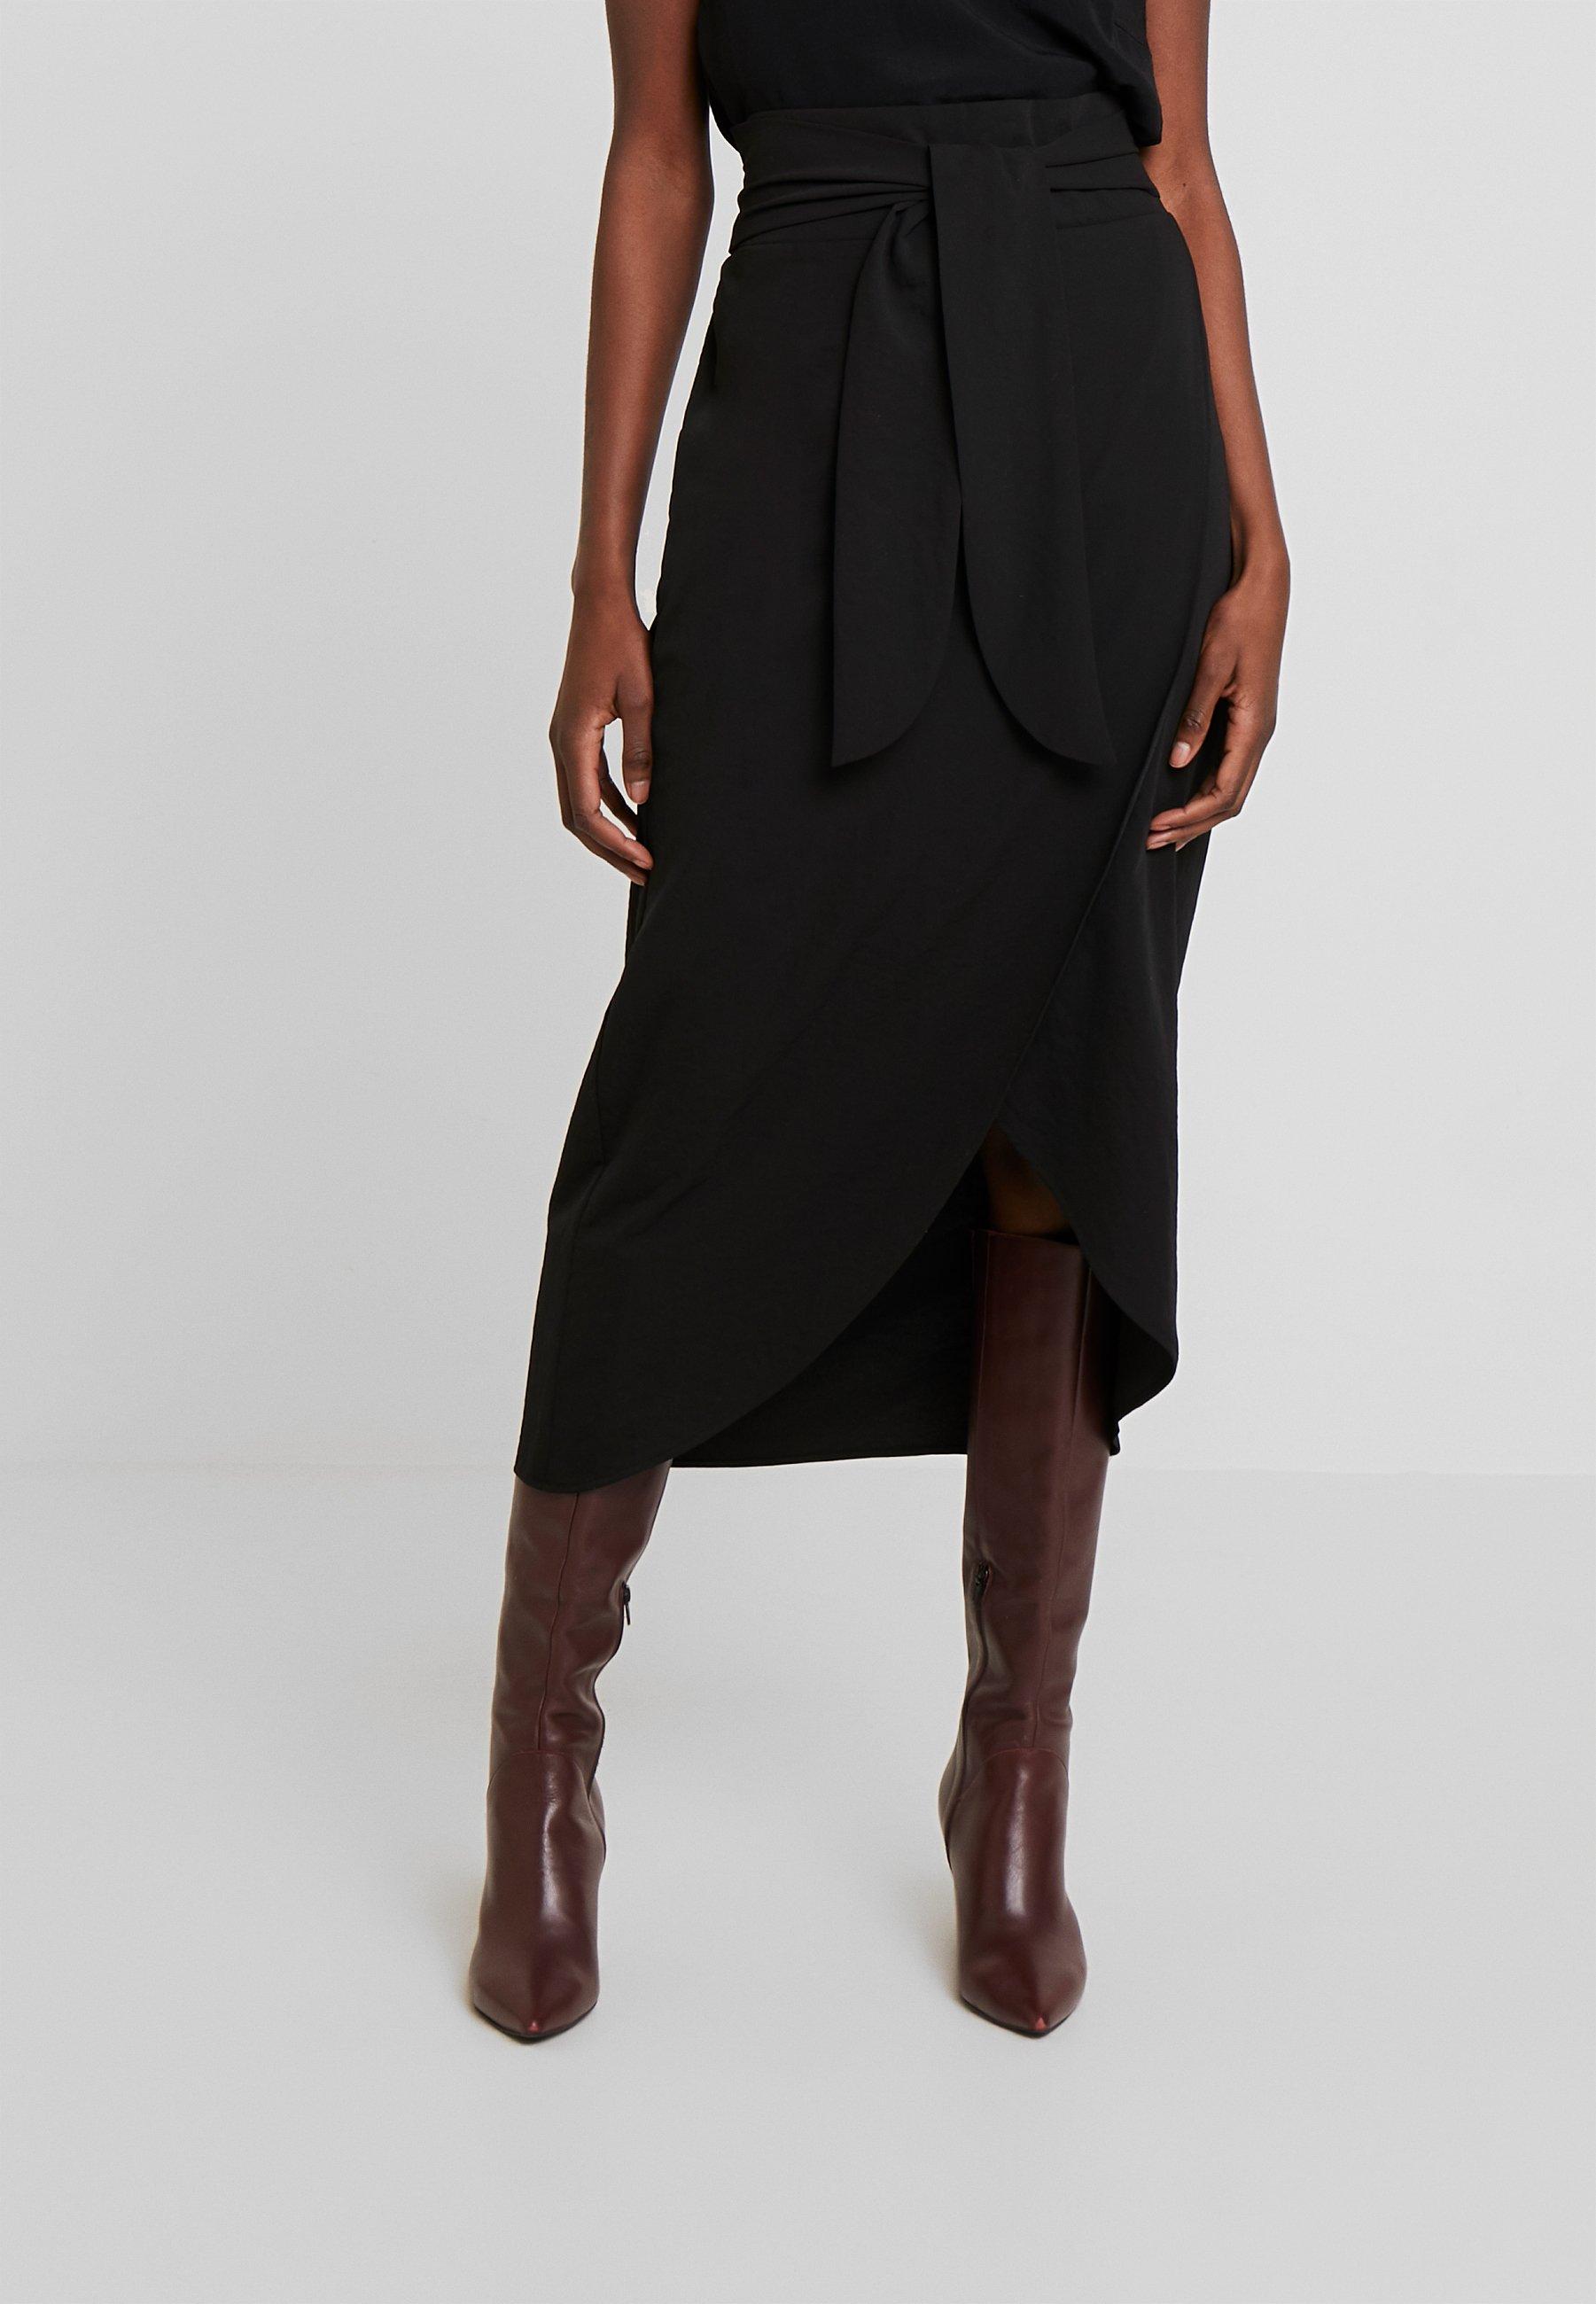 Love Copenhagen Saga Skirt - A-lijn Rok Pitch Black ITaCE2Cp